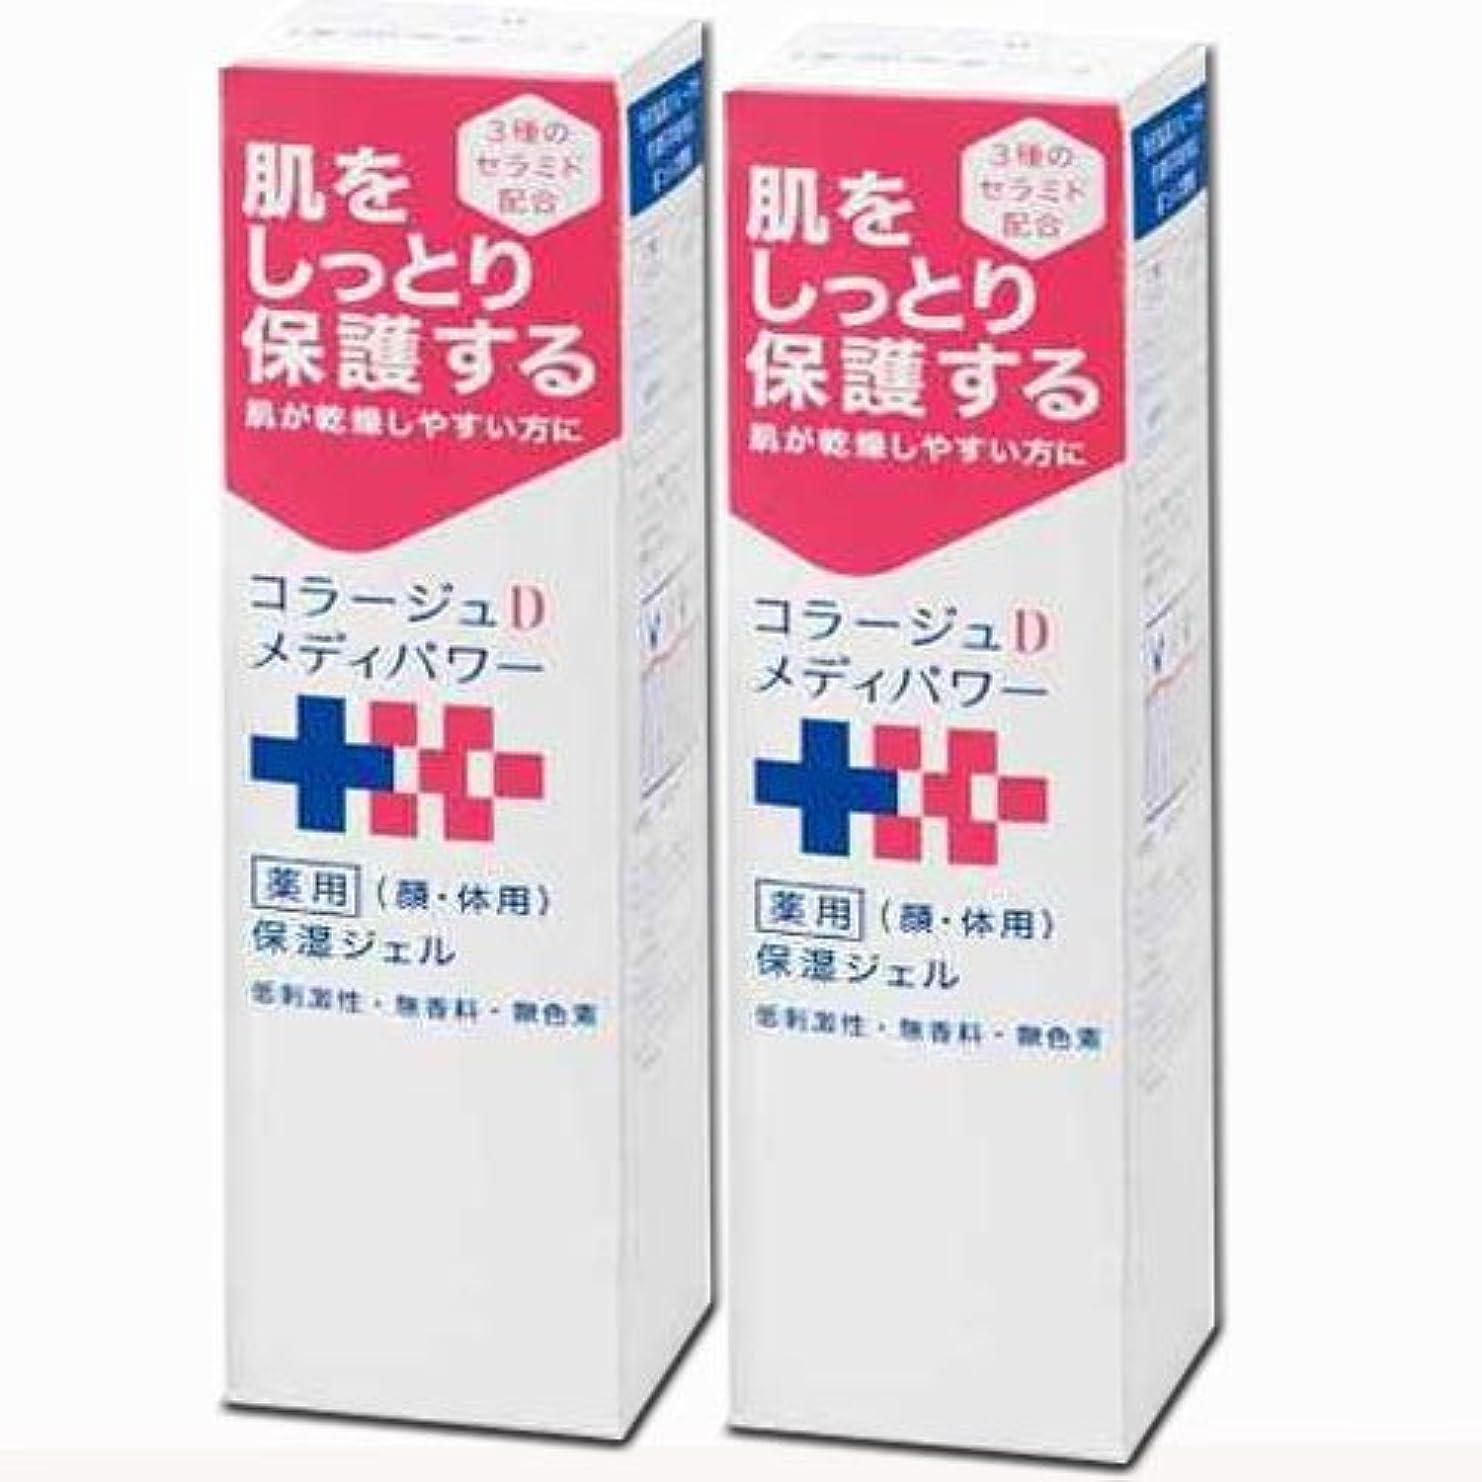 オフシャンプーフェリー【2個】持田製薬コラージュDメディパワー保湿ジェル 150ml×2個 (4987767650012-2)